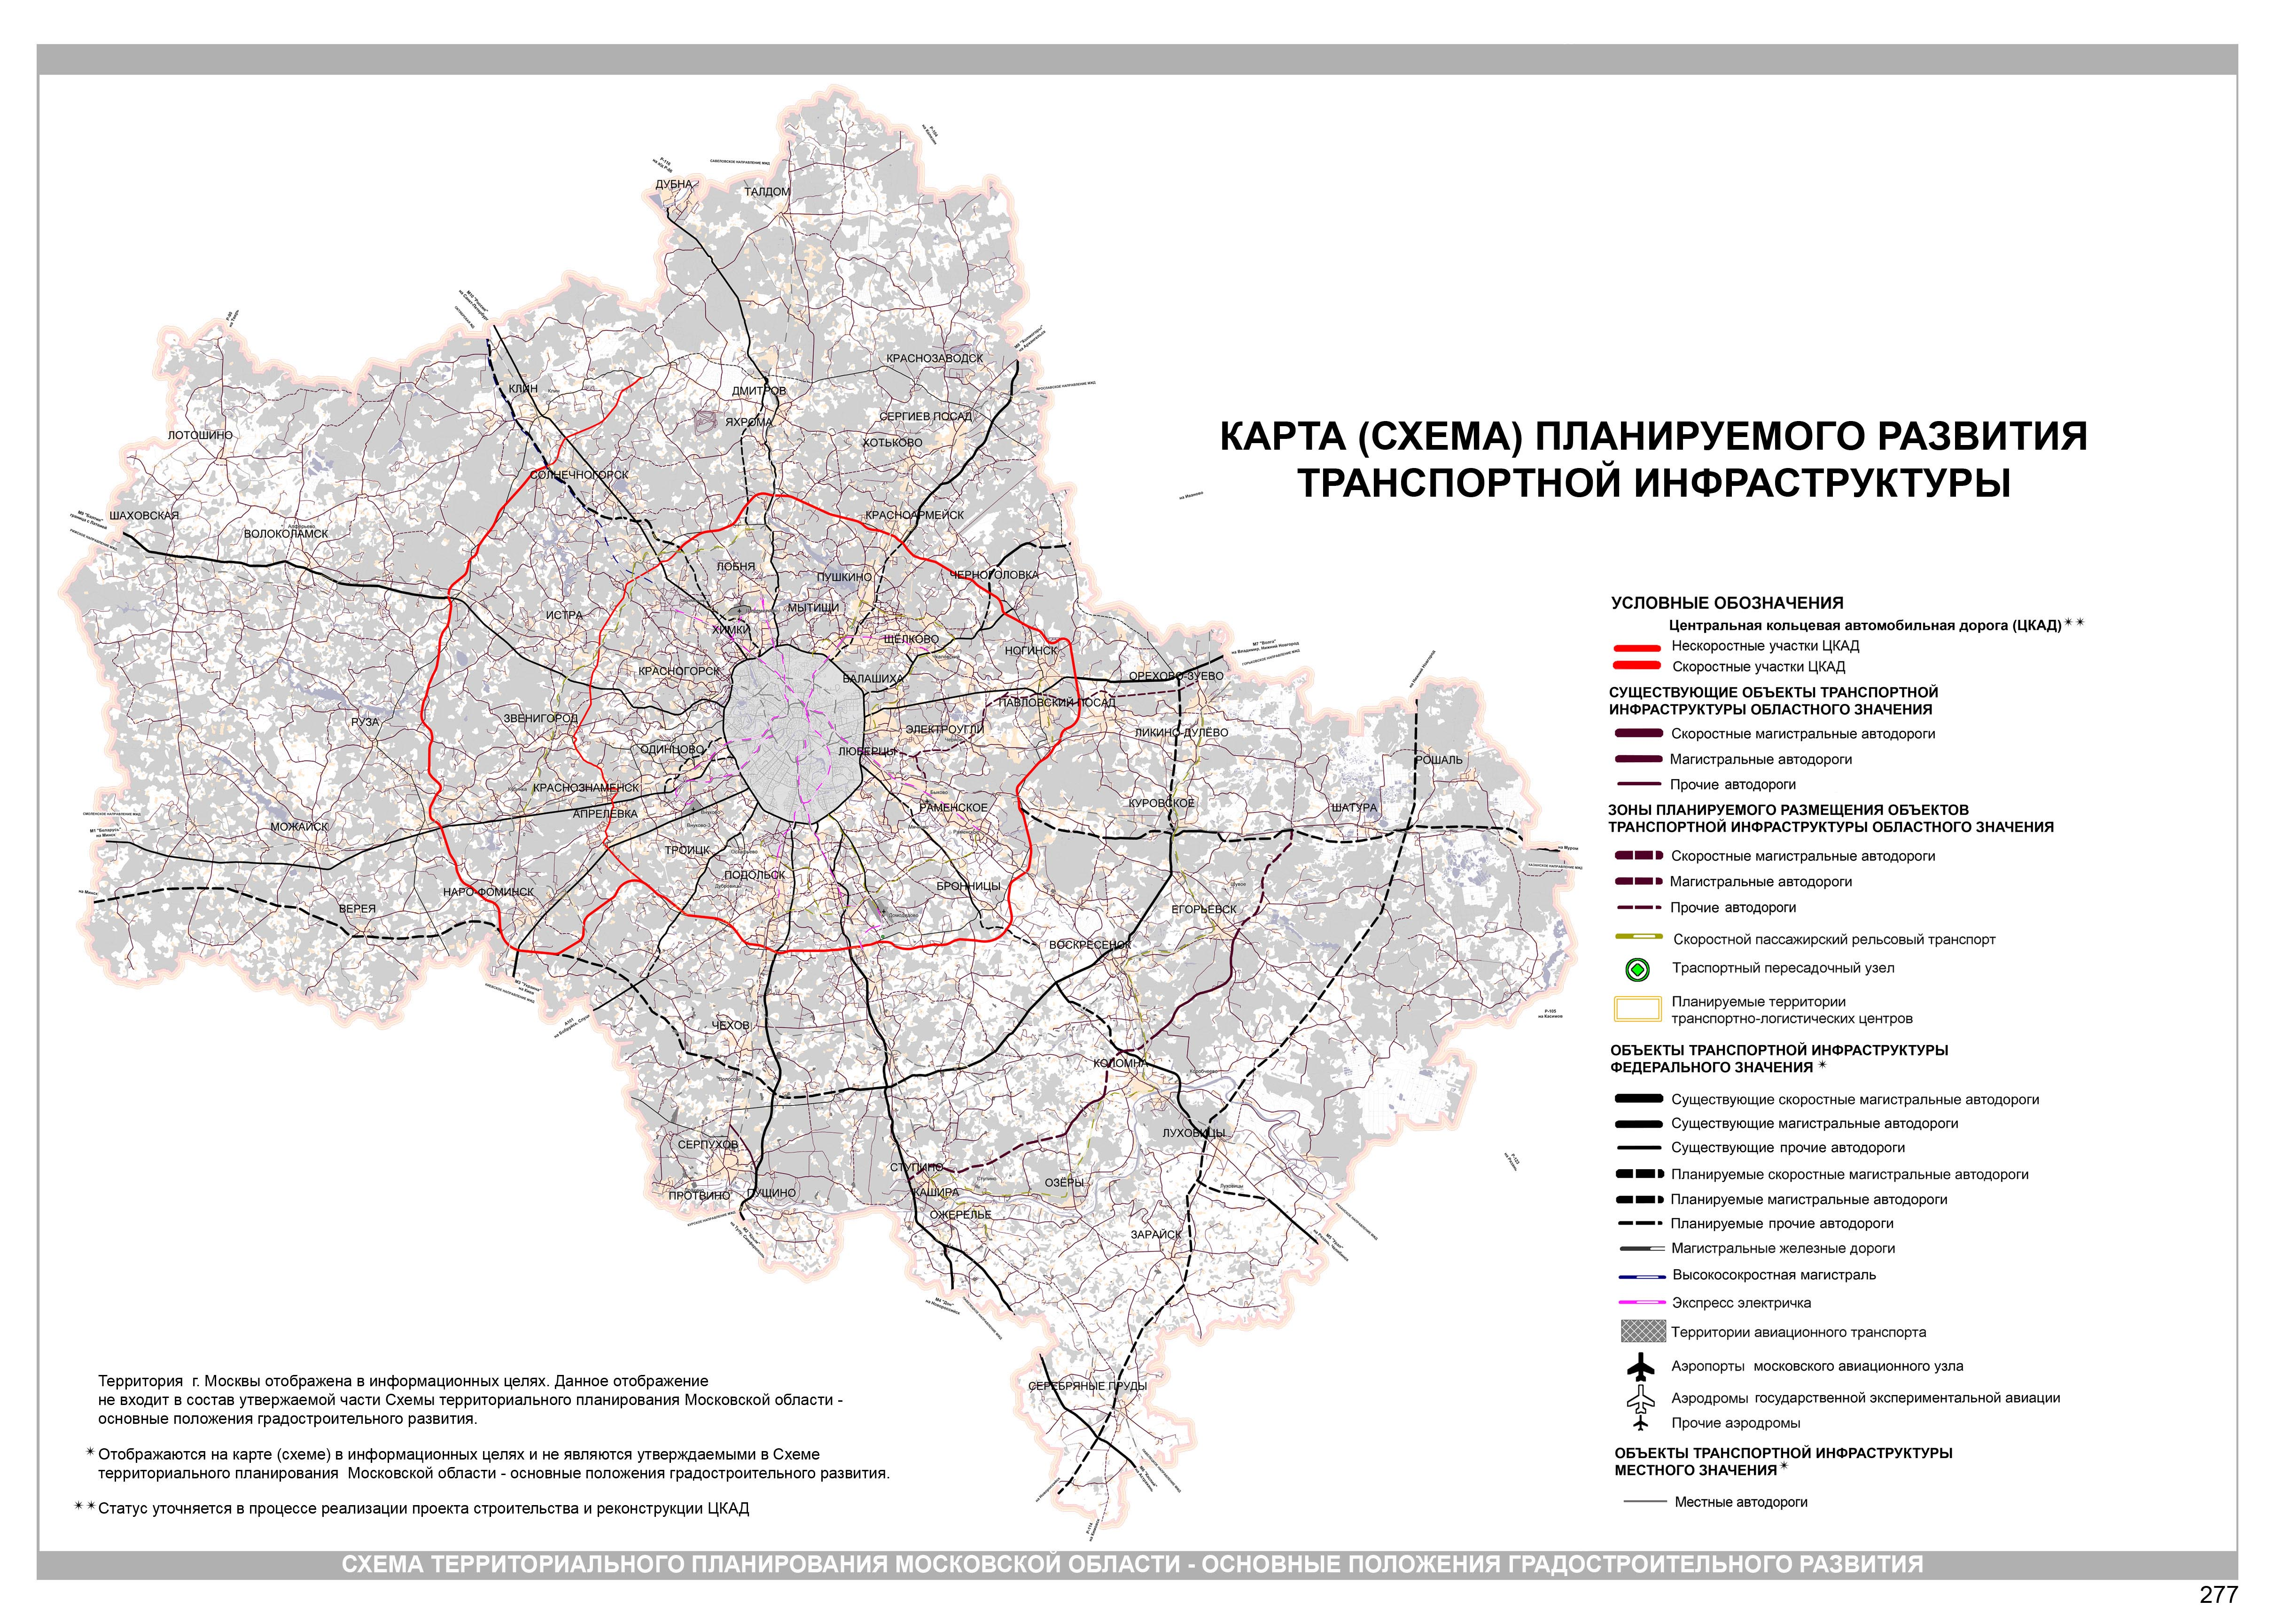 Схема цкад рузского района